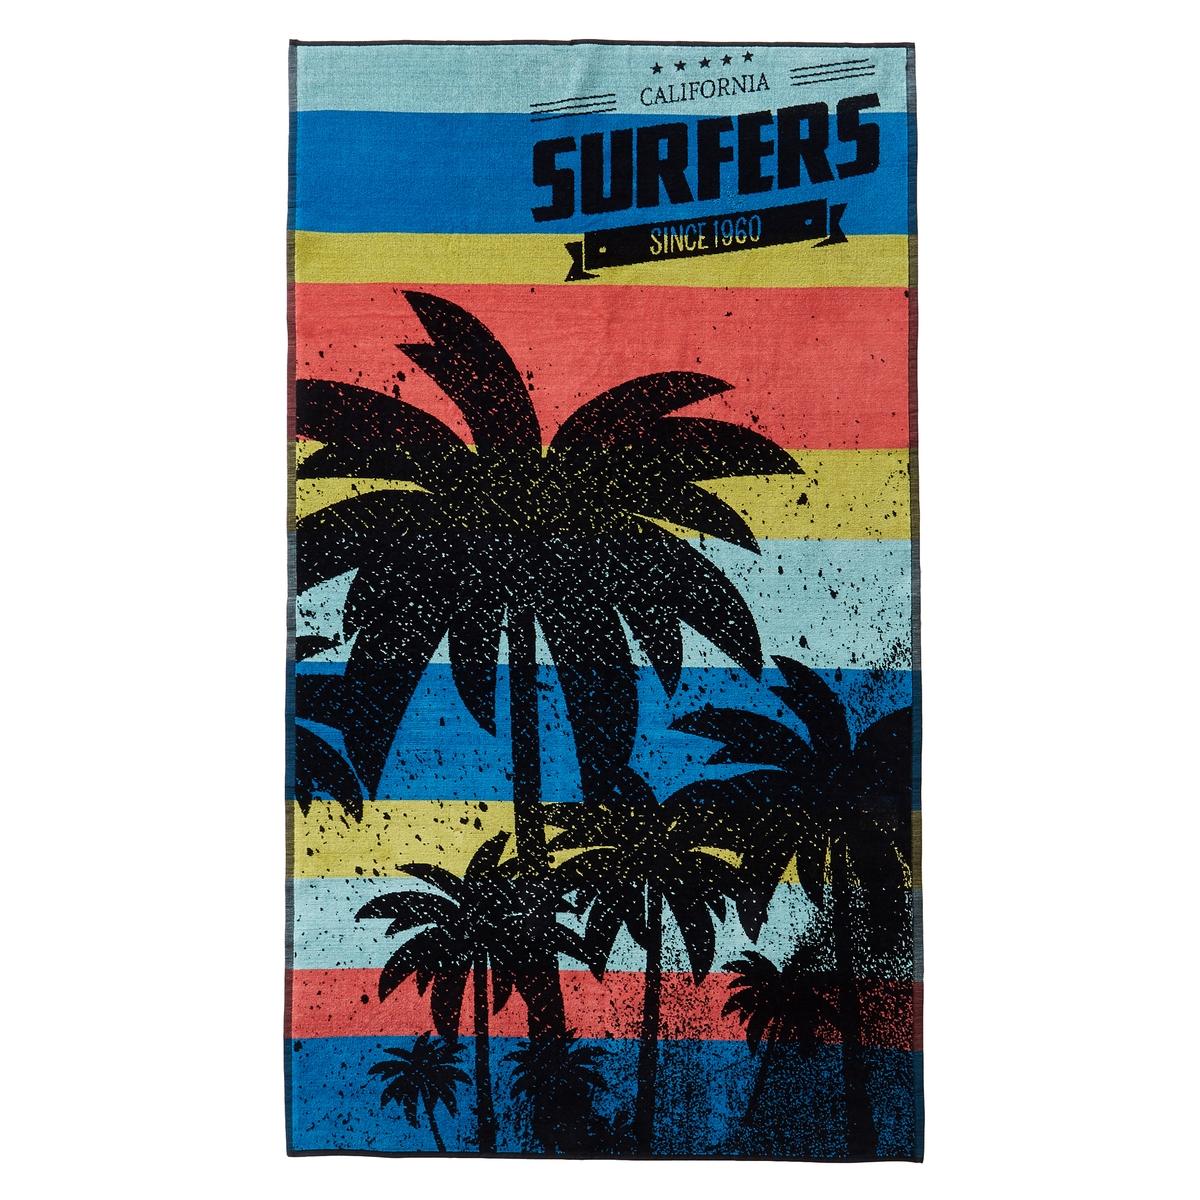 Полотенце пляжное SurfersПолотенце пляжное с жаккардовым рисунком SurfersХарактеристики пляжного полотенца Surfers :Махровая ткань с жаккардовым рисунком, 100% хлопок.420 г/м?.Машинная стирка при 60 °С.Размеры пляжного полотенца Surfers:100 x 180 см<br><br>Цвет: синий/ оранжевый